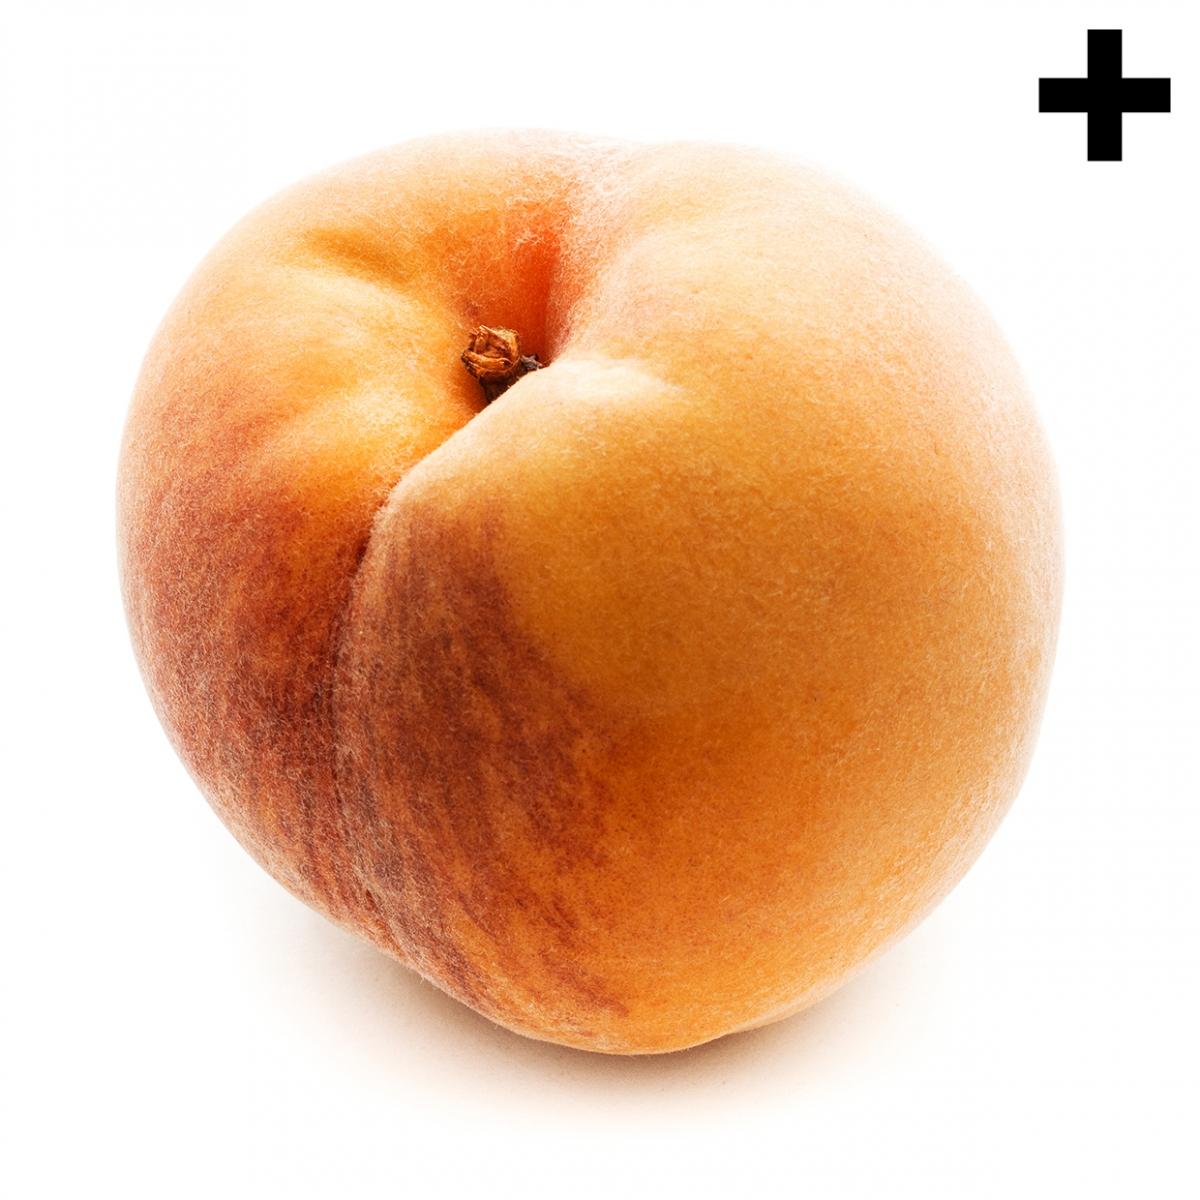 Imagen en la que se ve un melocotón